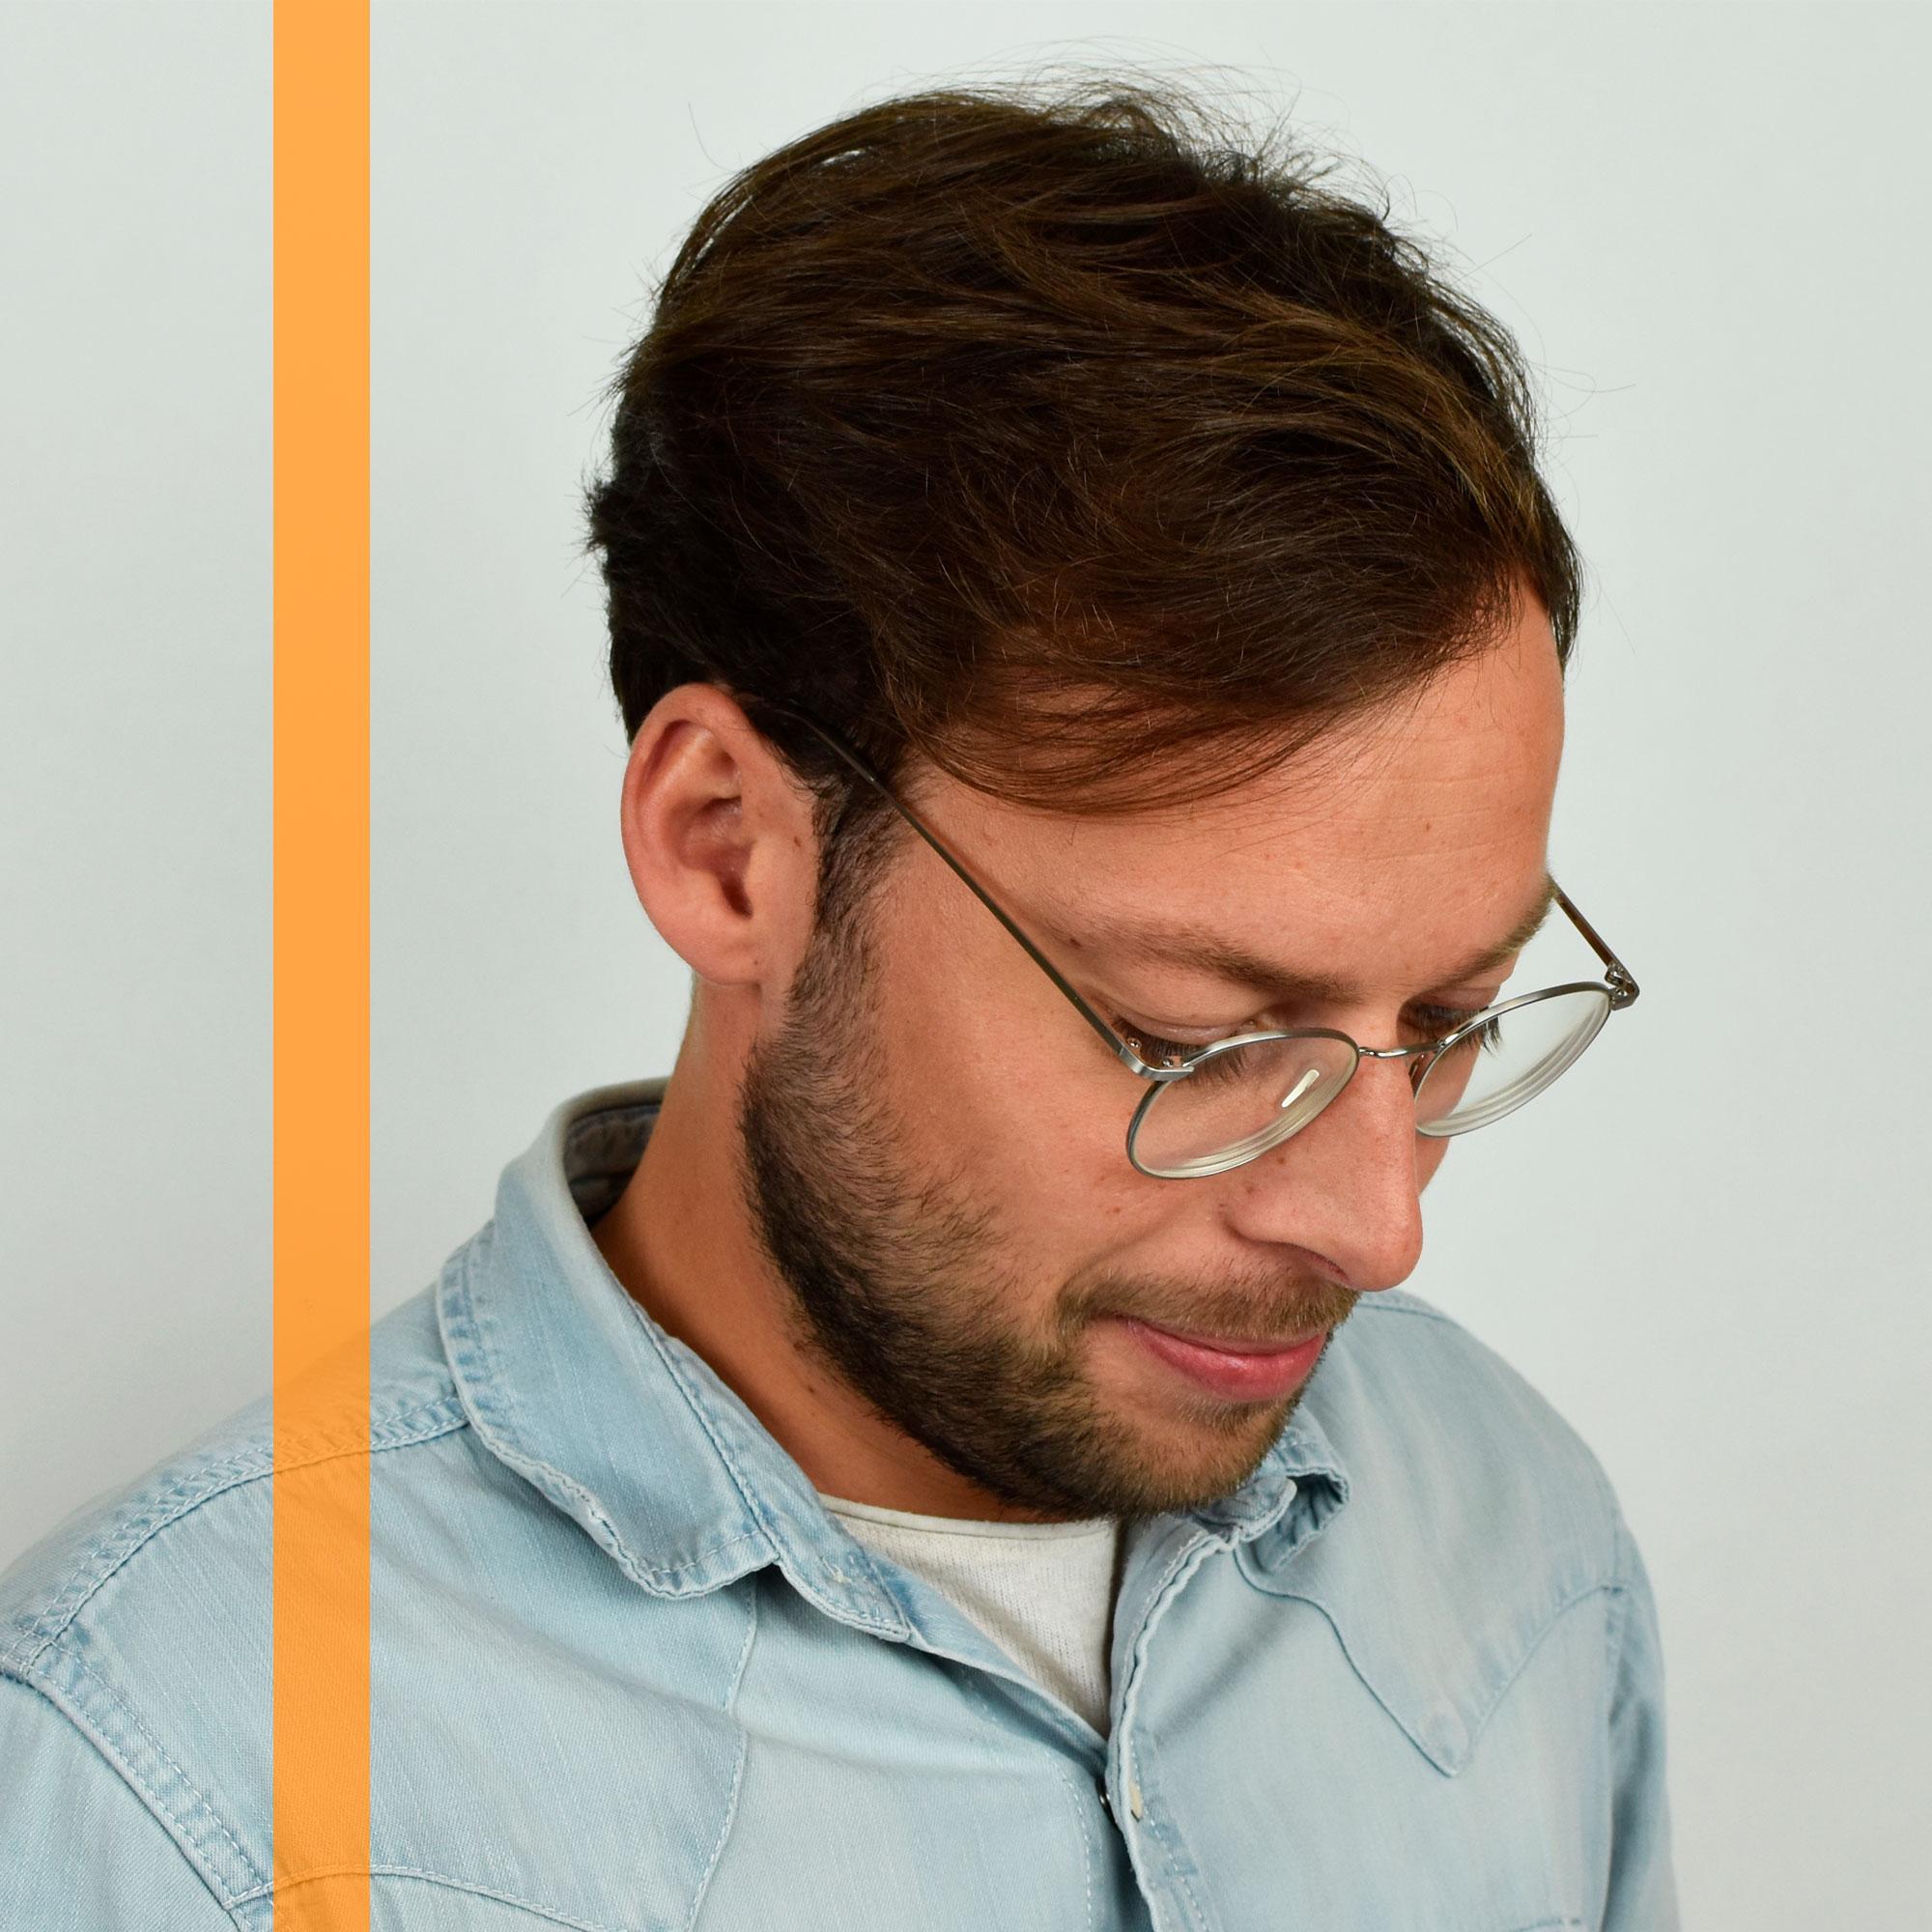 Maikel-Profiel.jpg | Vestiging Het Hoofdkantoor